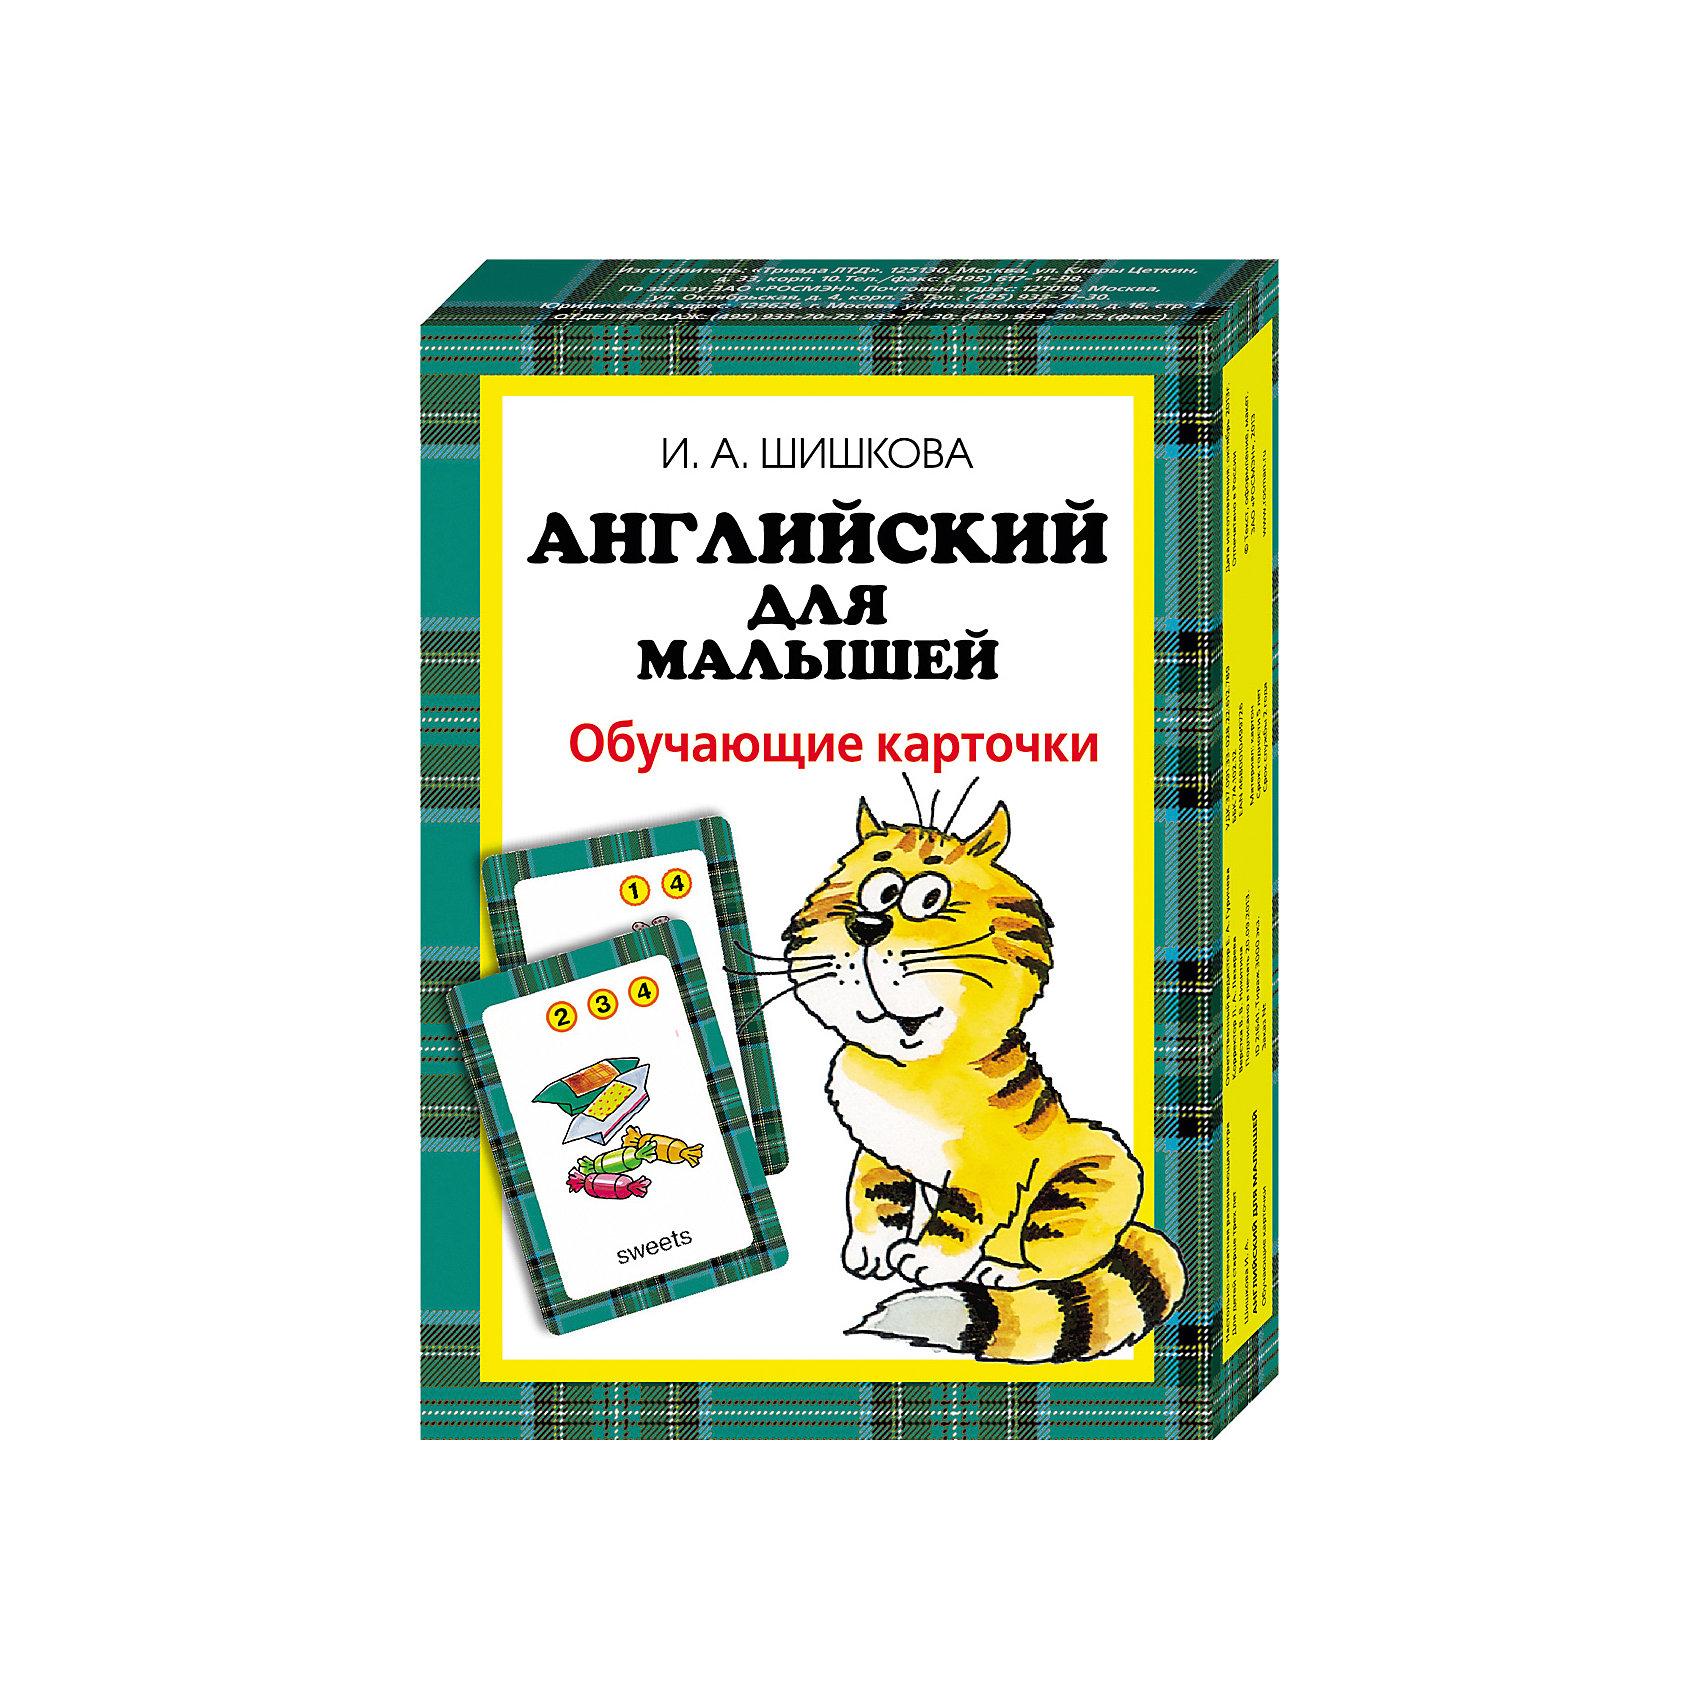 Росмэн Обучающие карточки Английский для малышей, Шишкова улыбка обучающие карточки игрушки